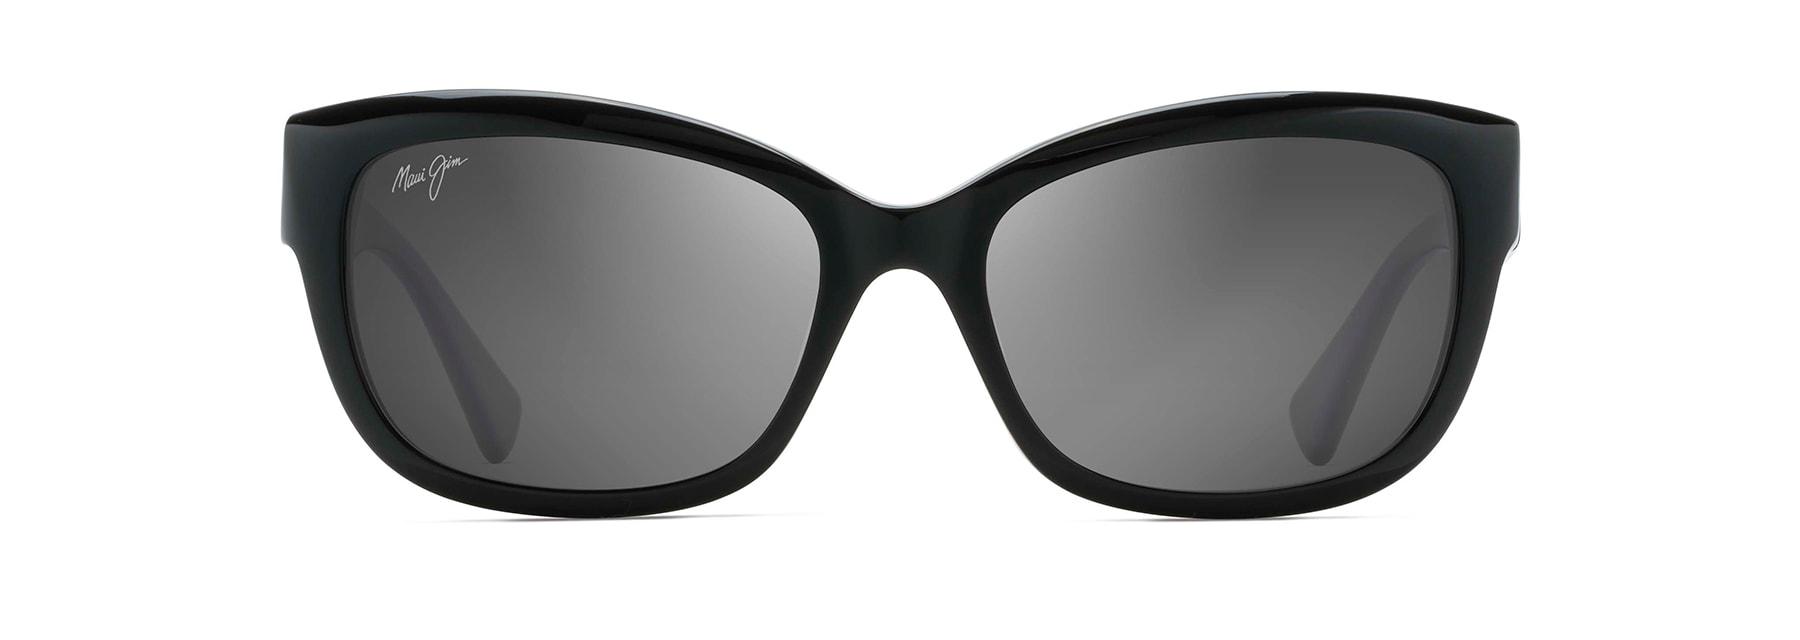 f90c18632227 Plumeria Polarized Sunglasses   Maui Jim®